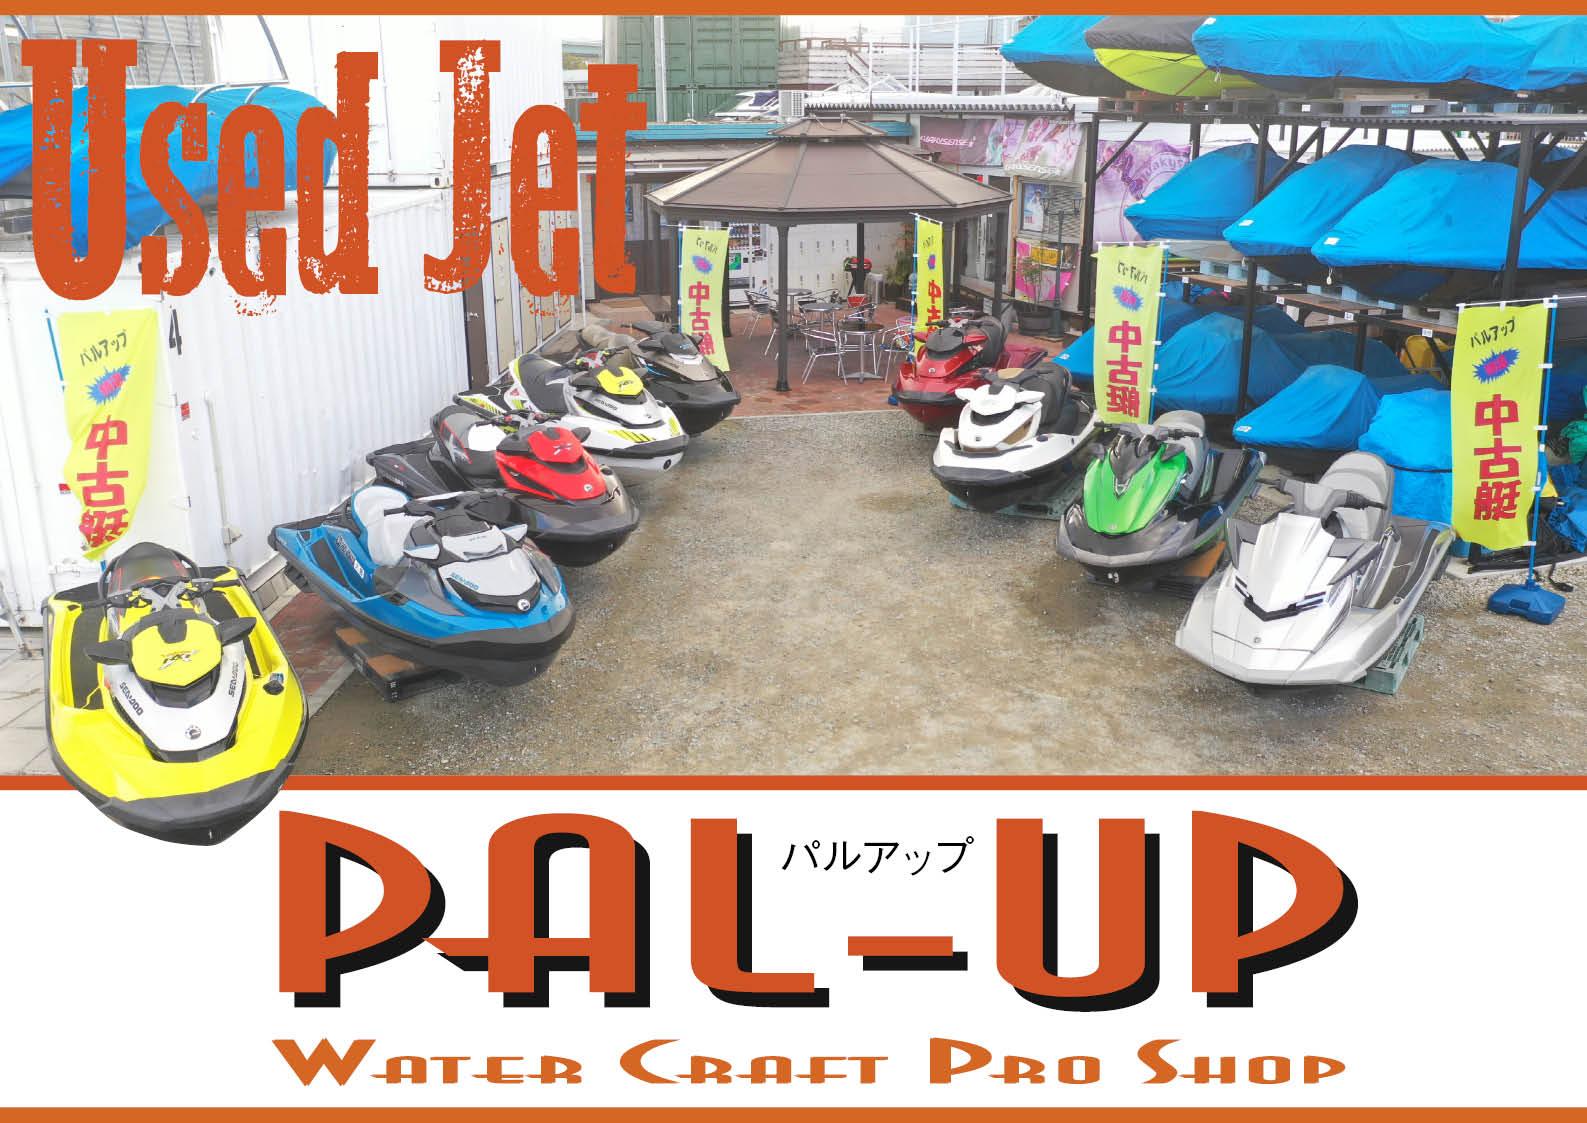 【中古艇】ツーリングの鉄人のプロショップ 中古艇フェアを開催中 ジェットスキー(水上バイク)